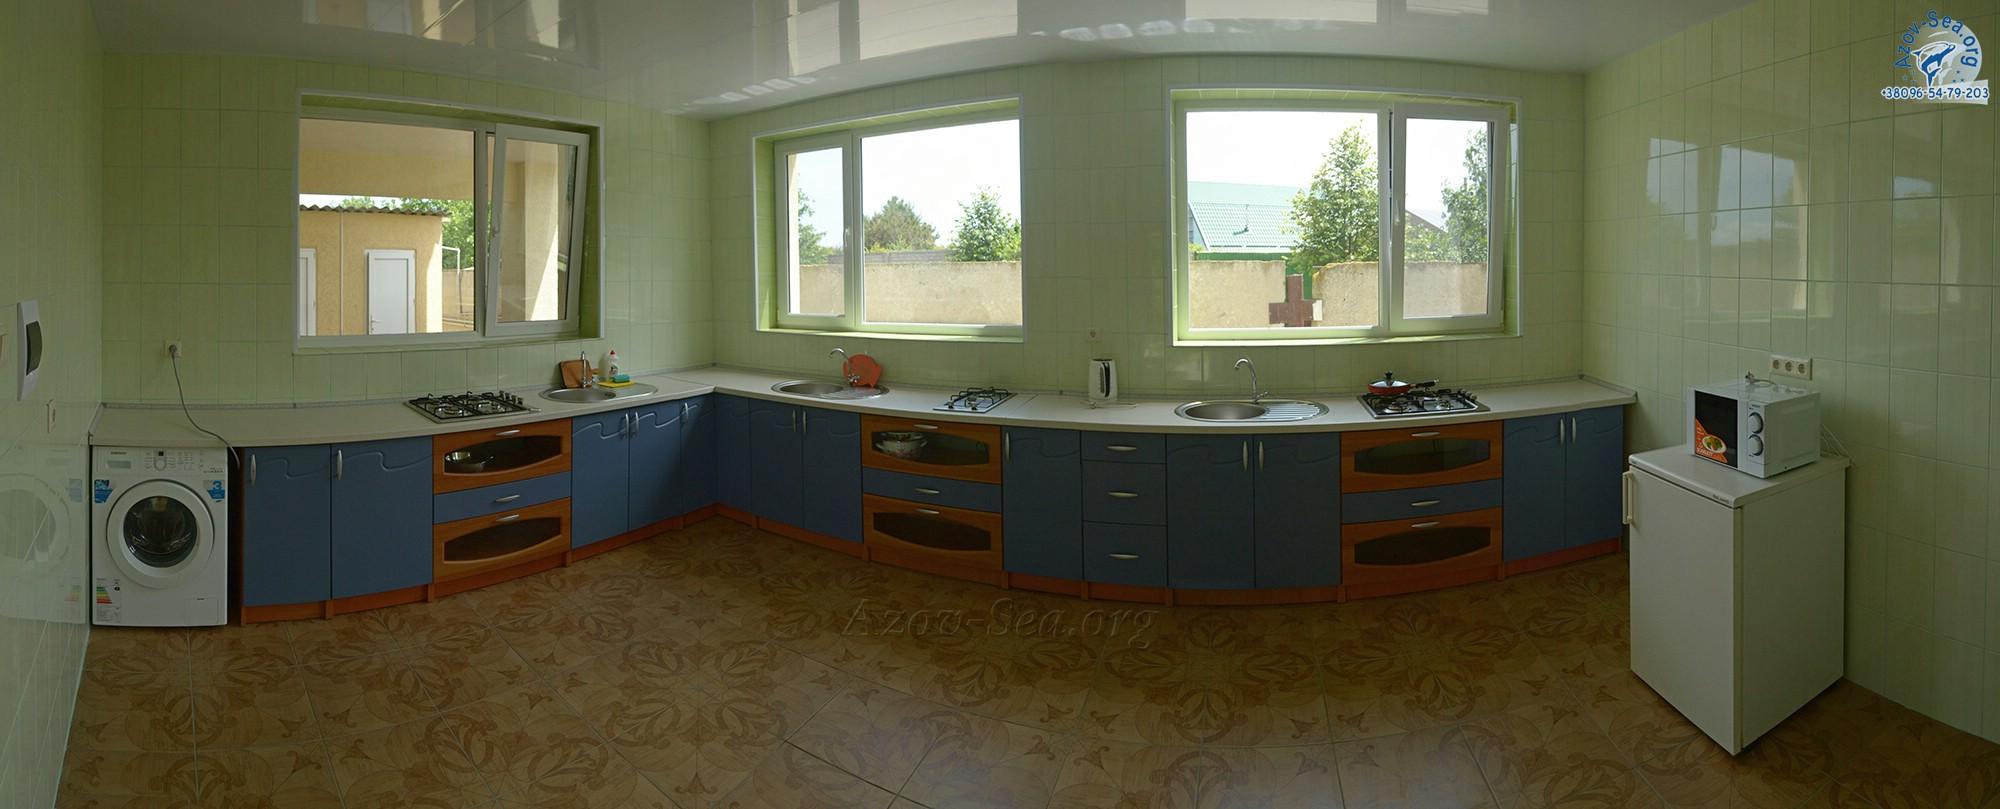 Общая кухня для первого корпуса. База отдыха КСЕНИЯ. Степановка Первая.